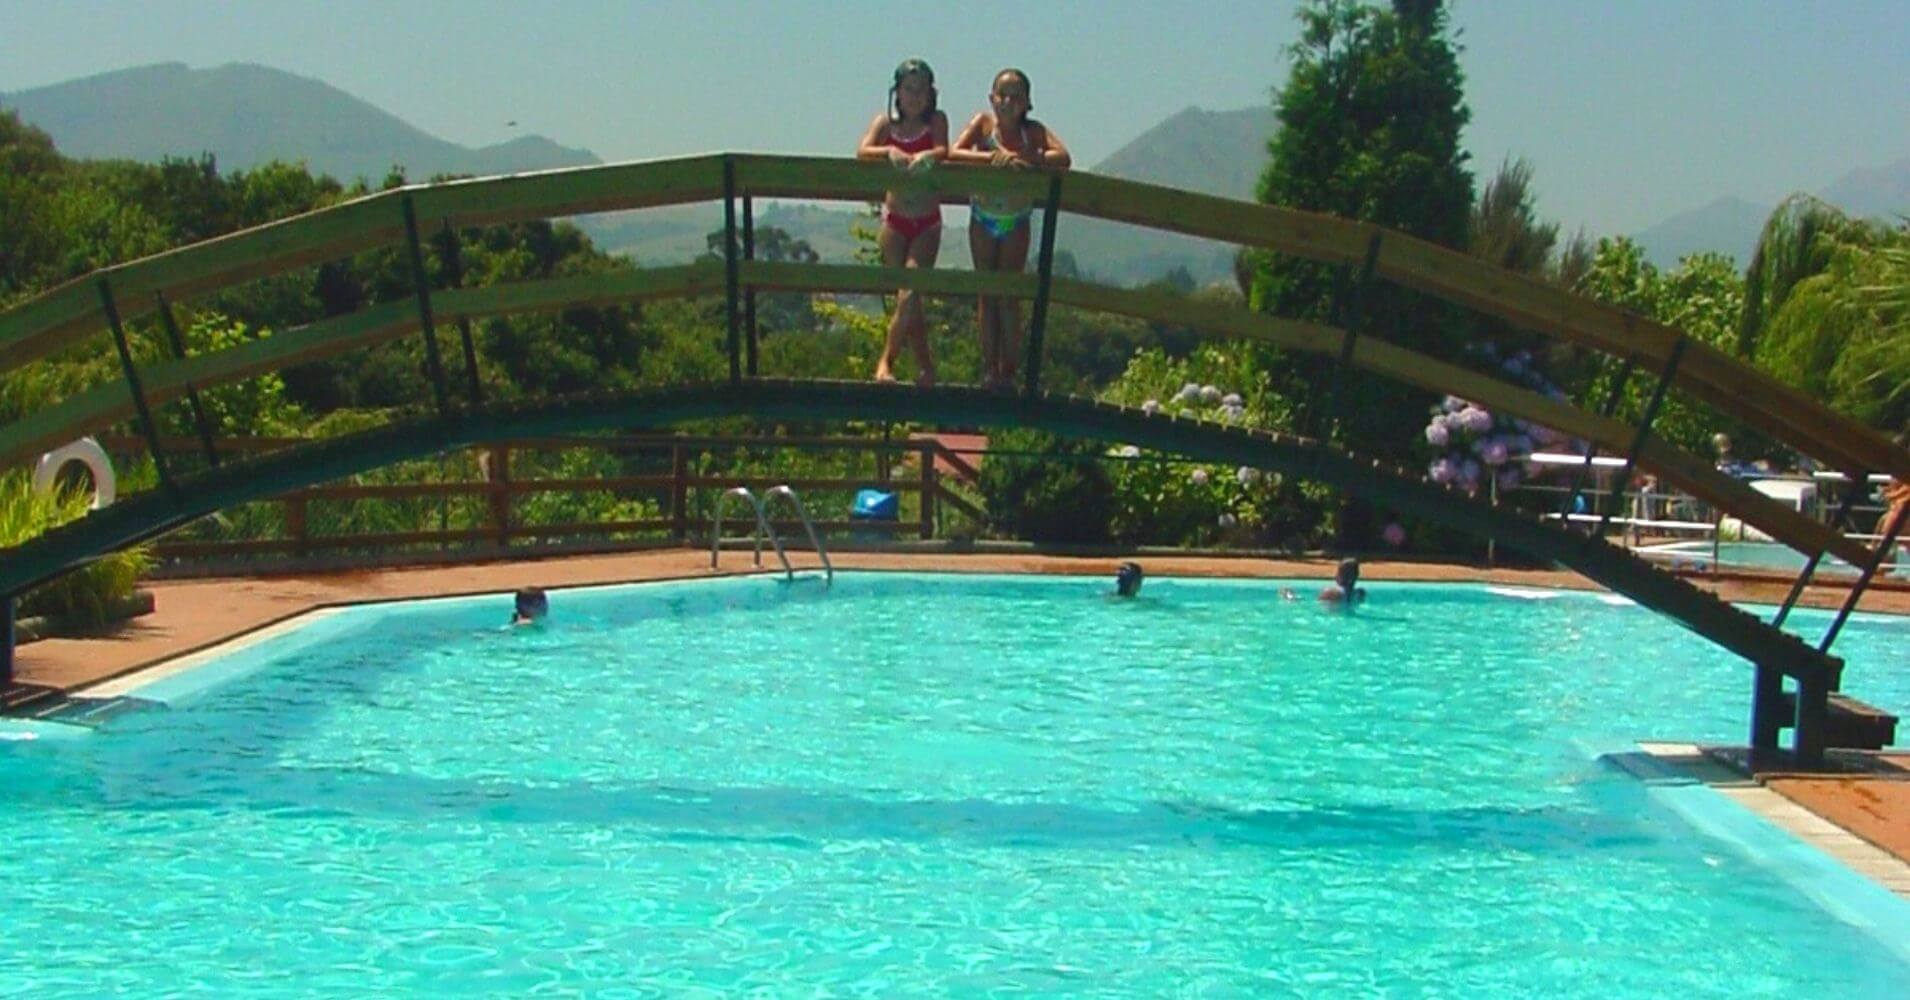 Piscina del Camping Ribadesella. Asturias.